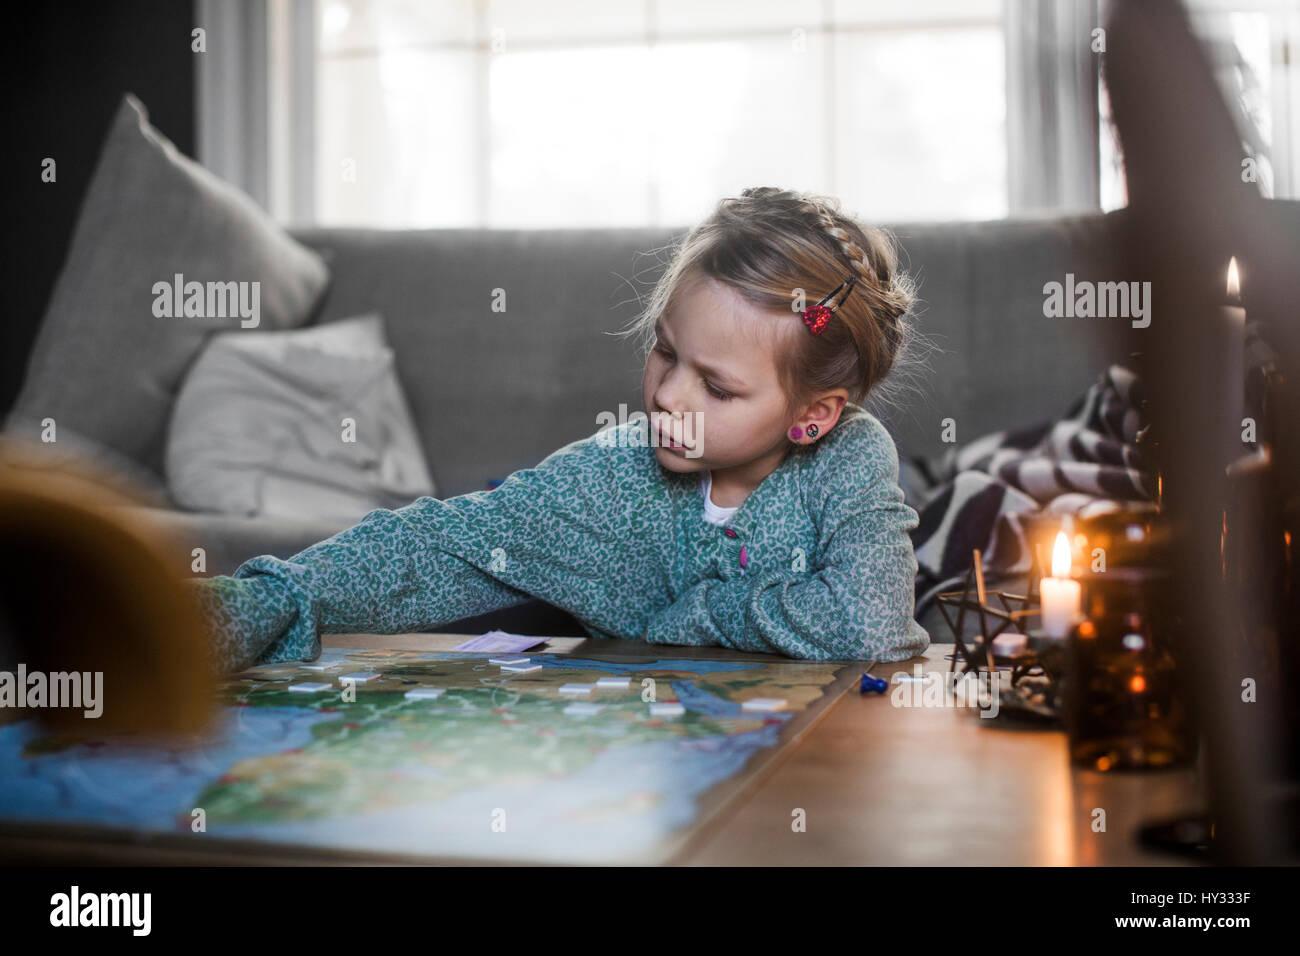 La Svezia, ragazza (4-5) riproduzione del gioco di bordo sul tavolino da caffè Immagini Stock